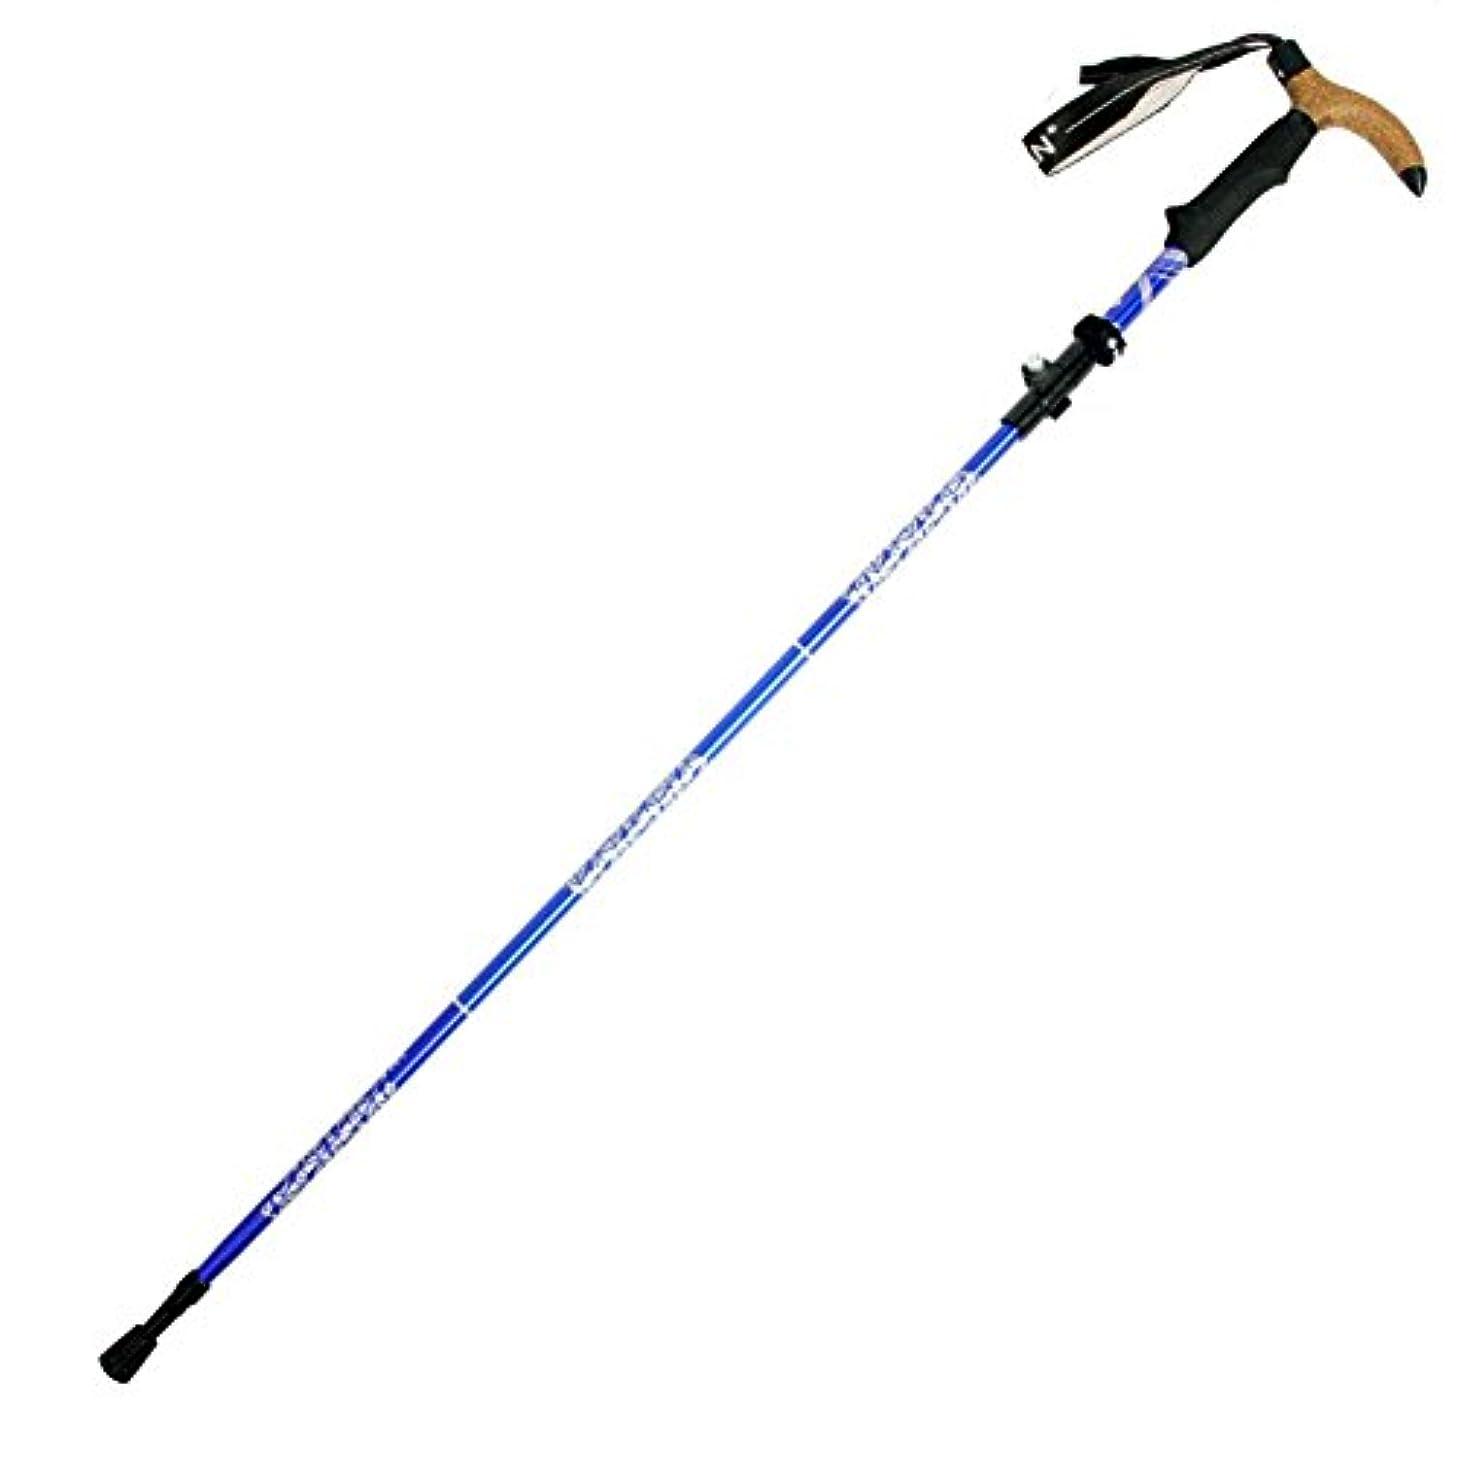 アクチュエータ深める追加折り畳みトレッキングポール, トレッキングポール コルク 登山 テレスコ ピック ハイキング 登山 機器 軽量 杖?ステッキ- 13inch